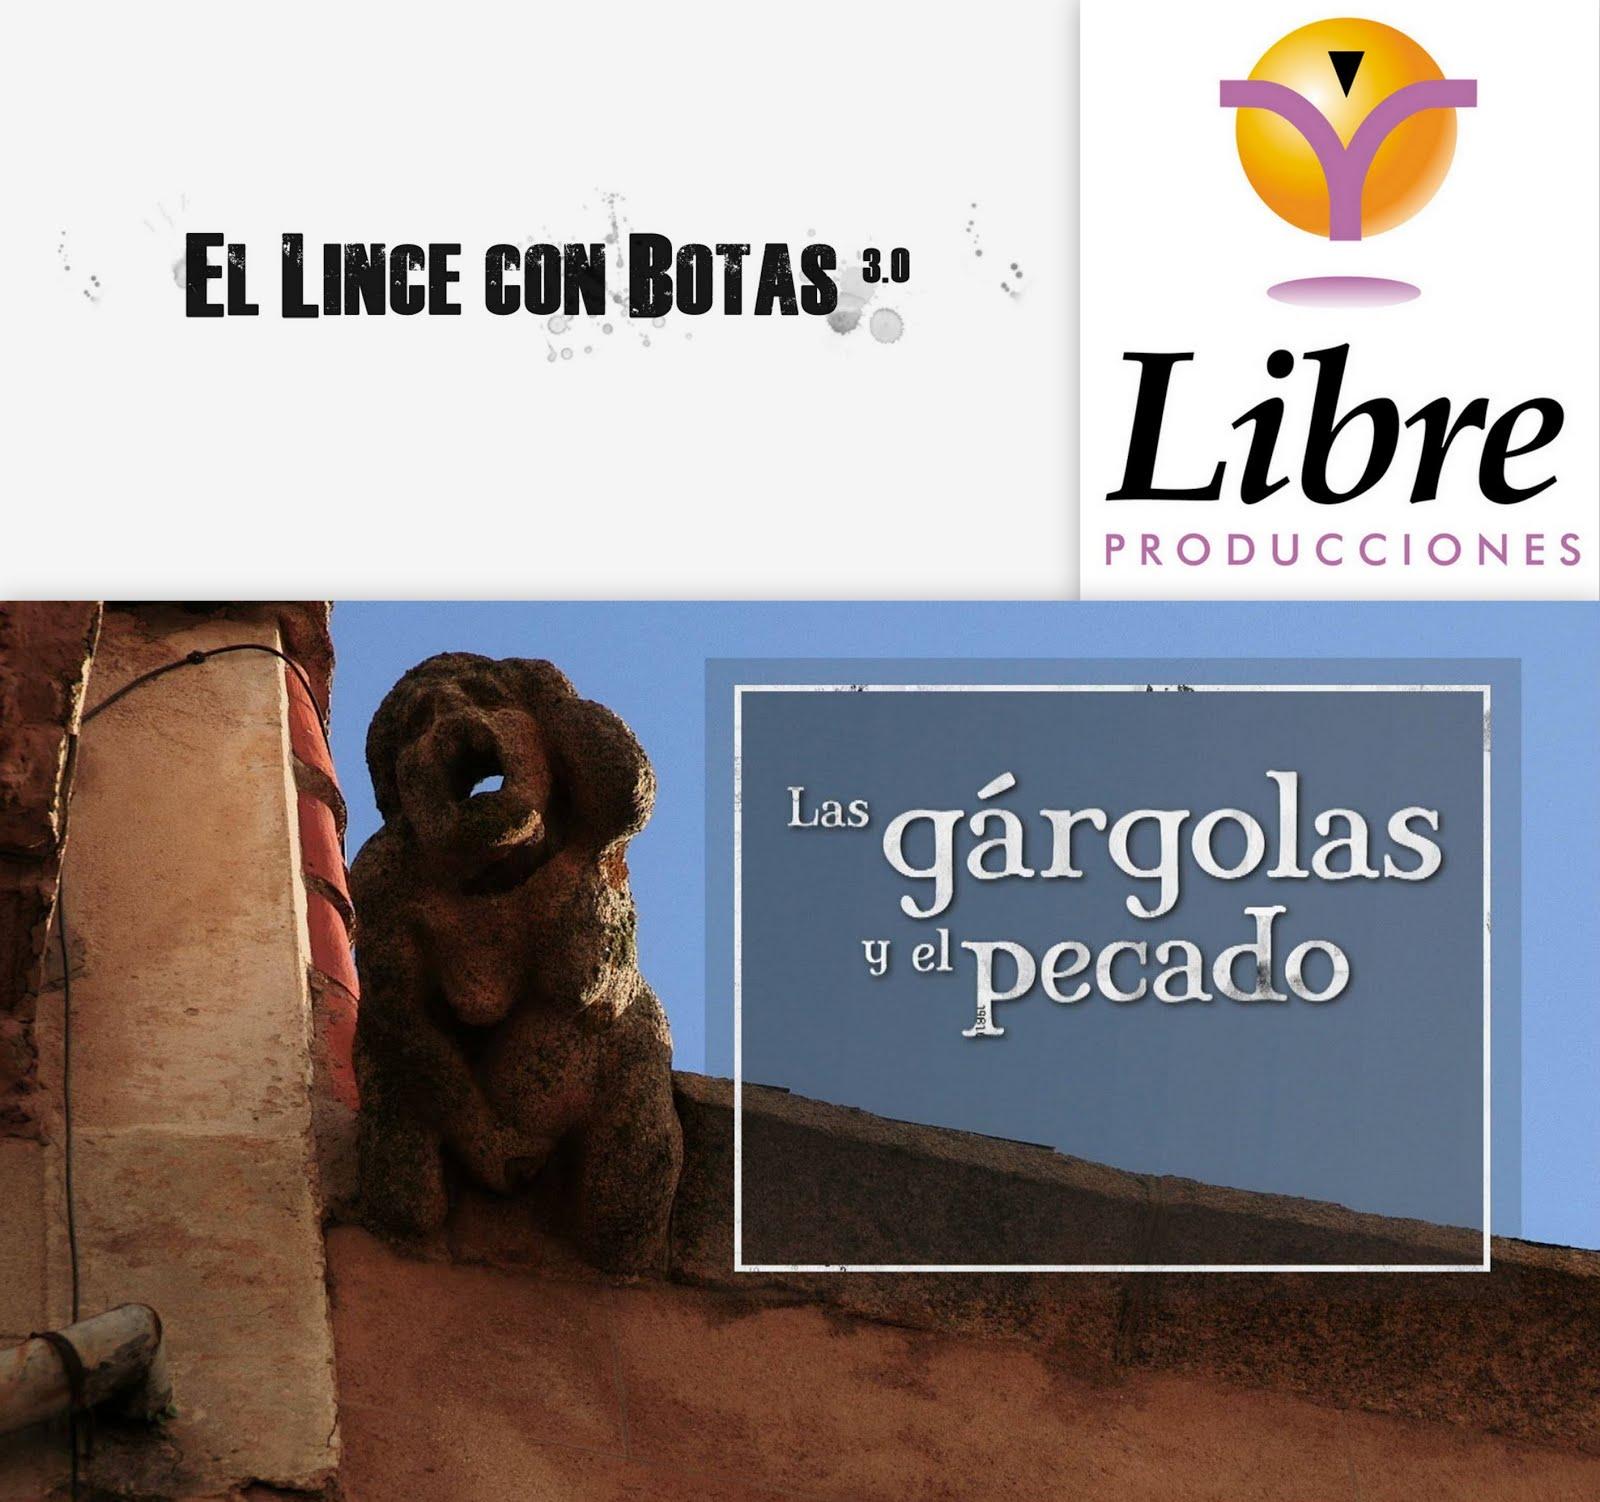 El lince con botas 3.0: Las gárgolas y el pecado (Montehermoso y Cáceres)